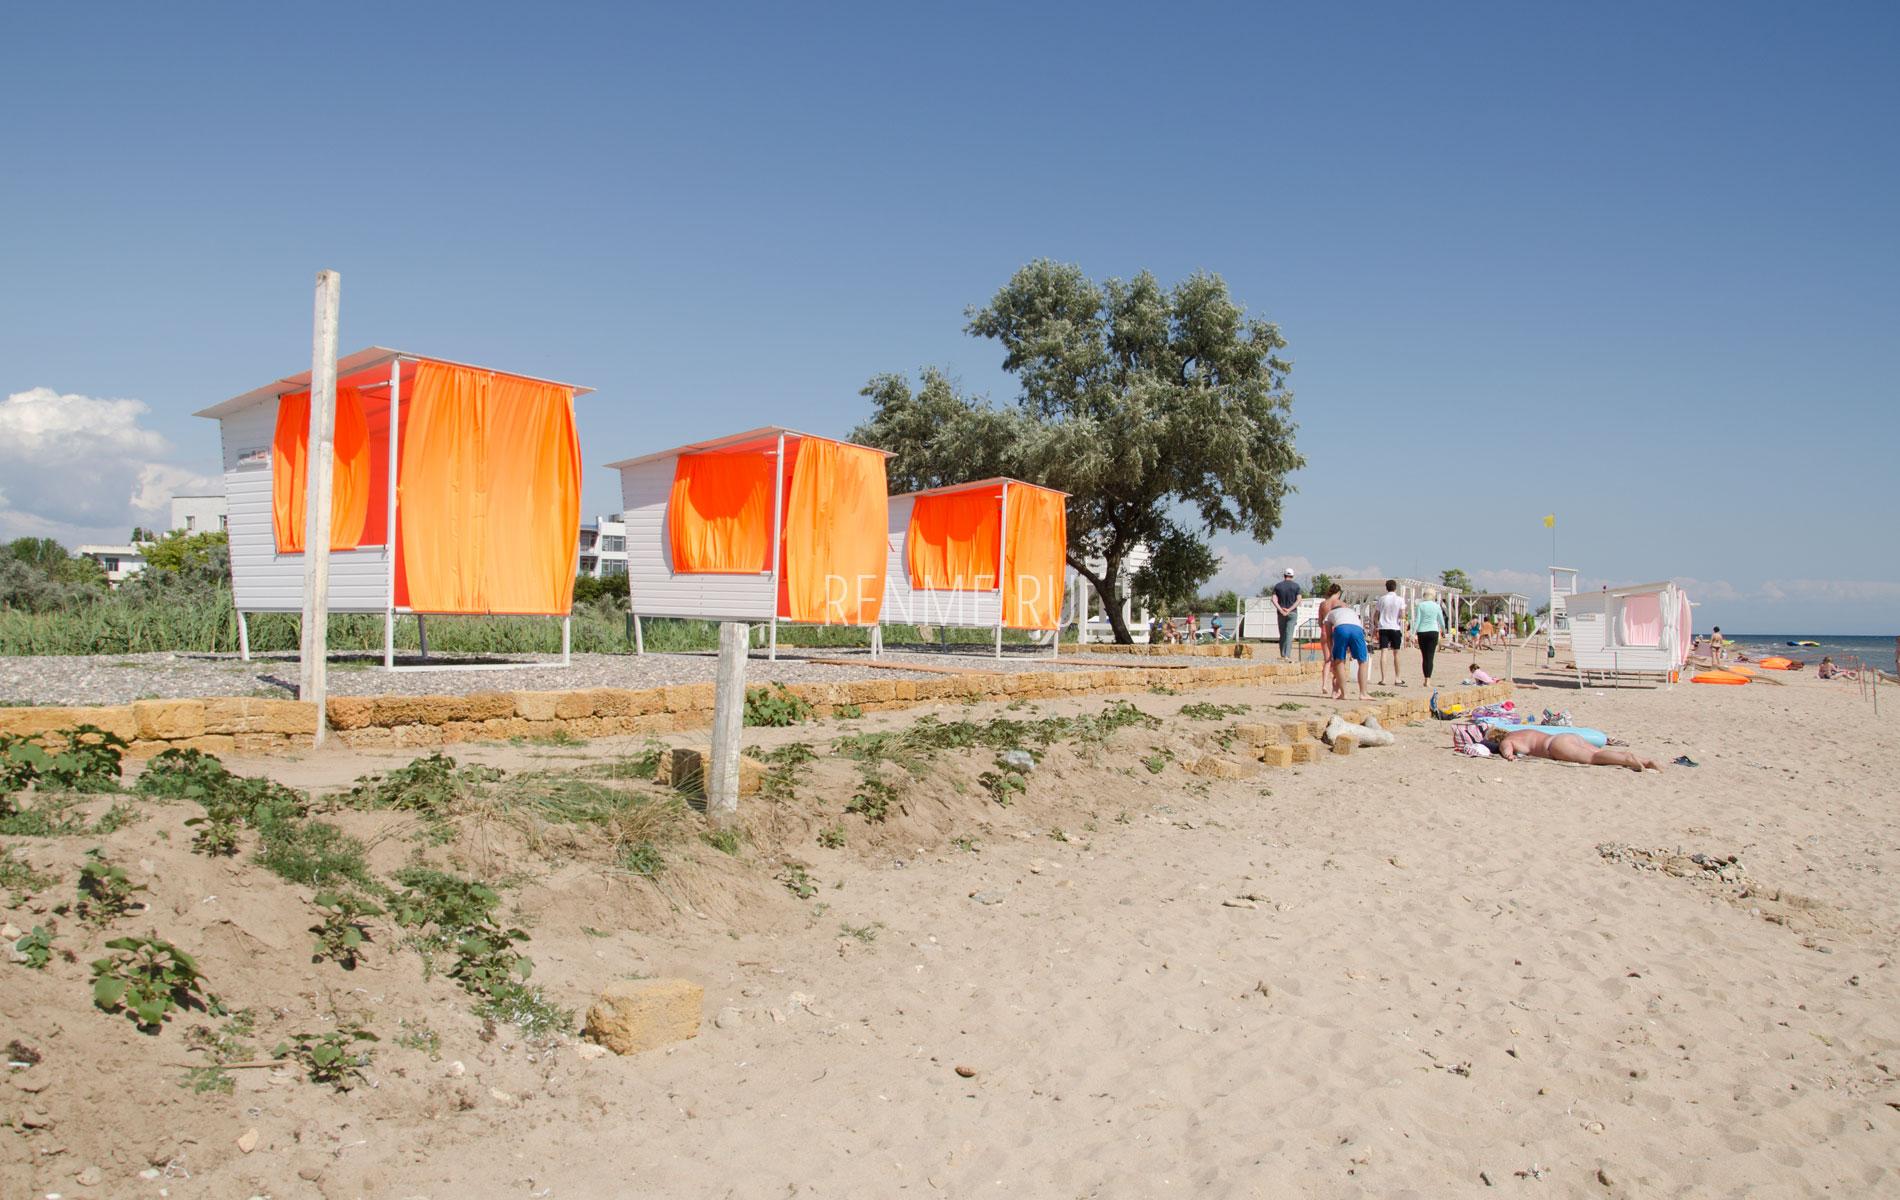 Красивые бунгало на пляже в Заозерном. Фото Заозёрного